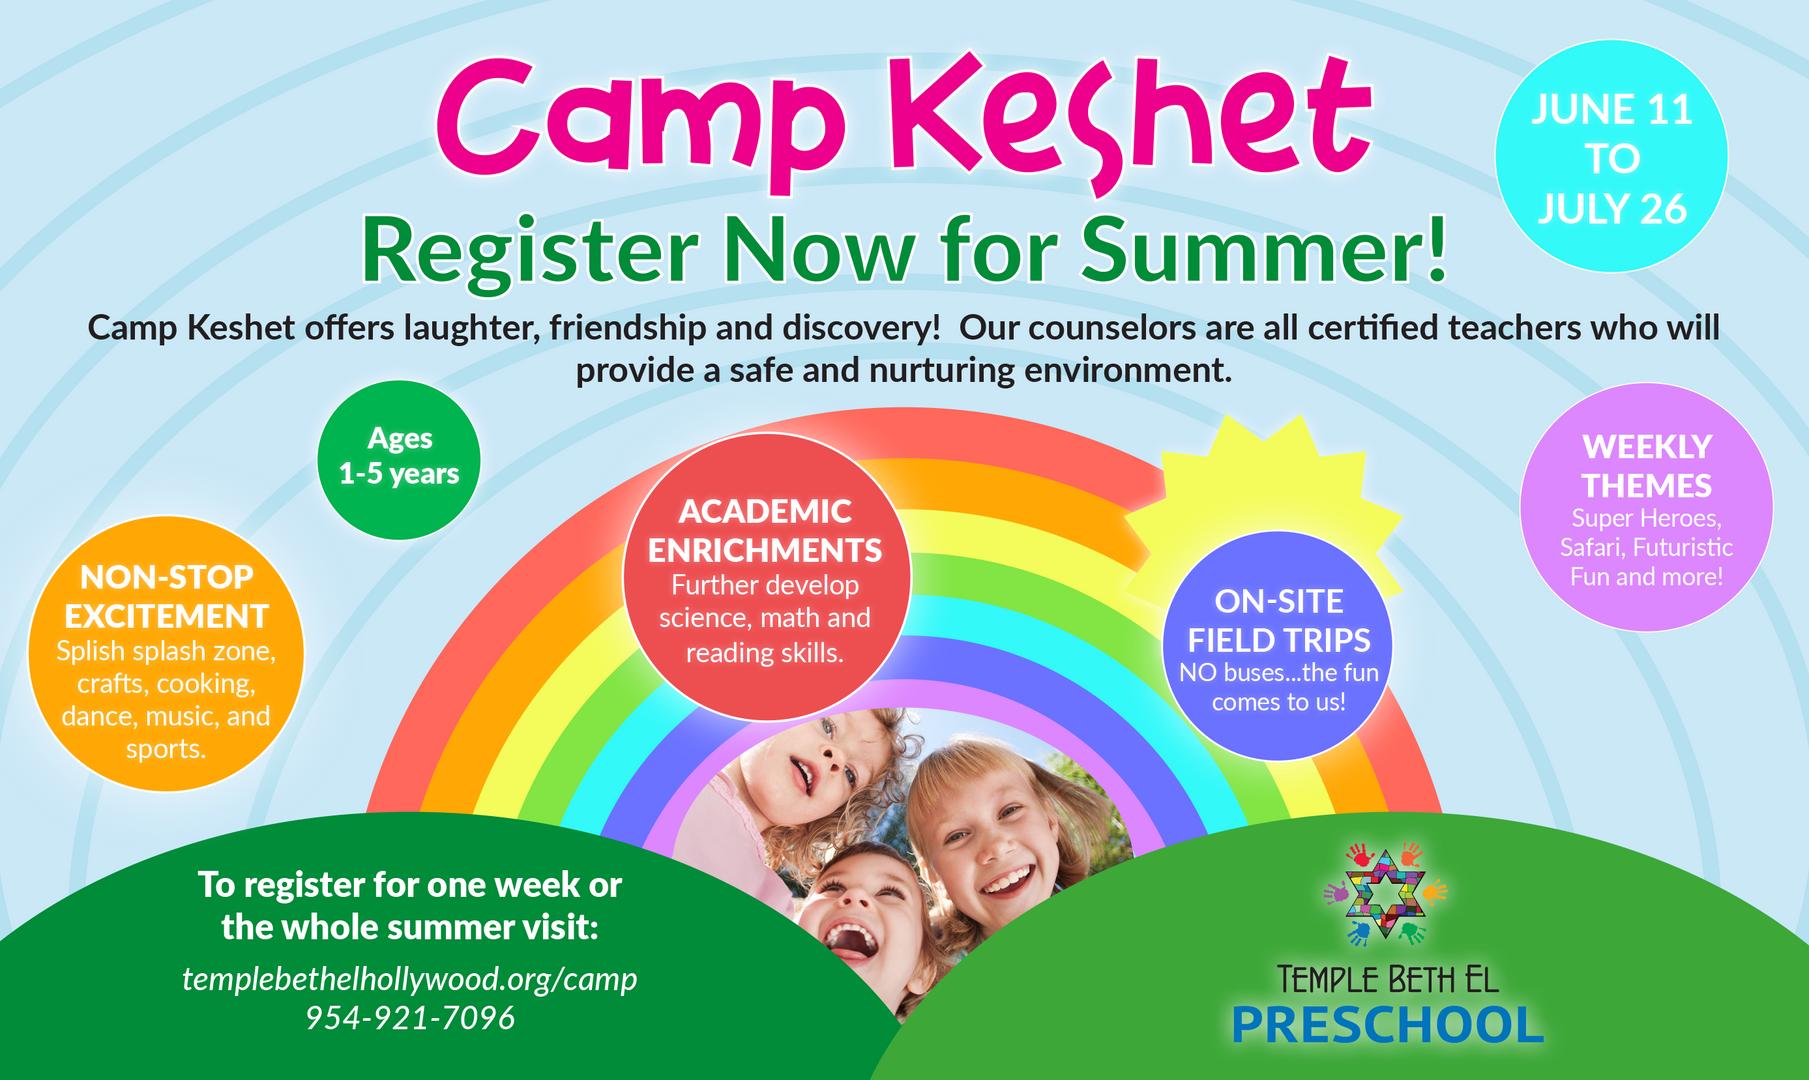 Camp Keshet